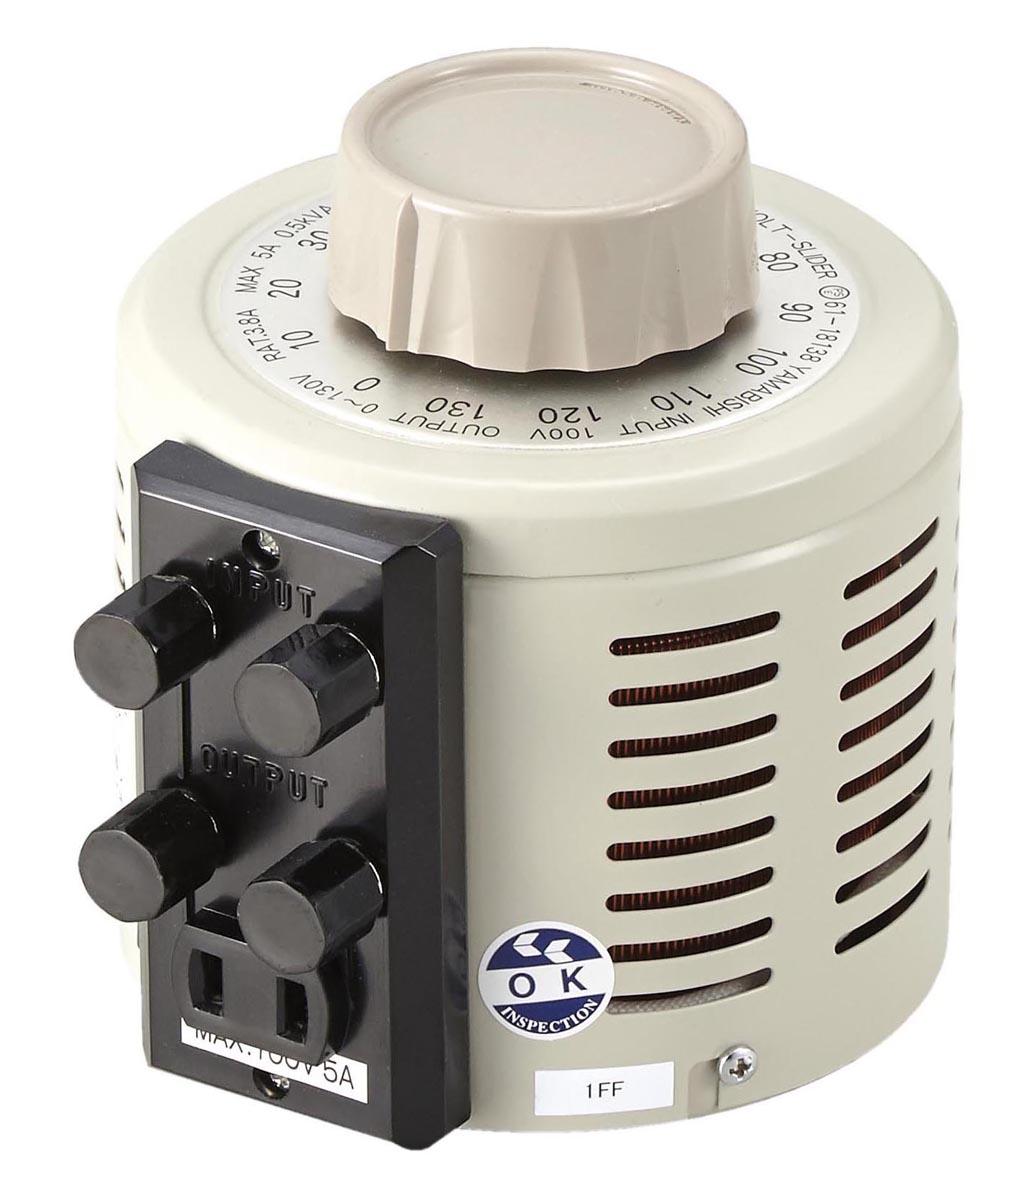 山菱電機神戸営業所 ボルトスライダー(単巻可変変圧器) V-130-5